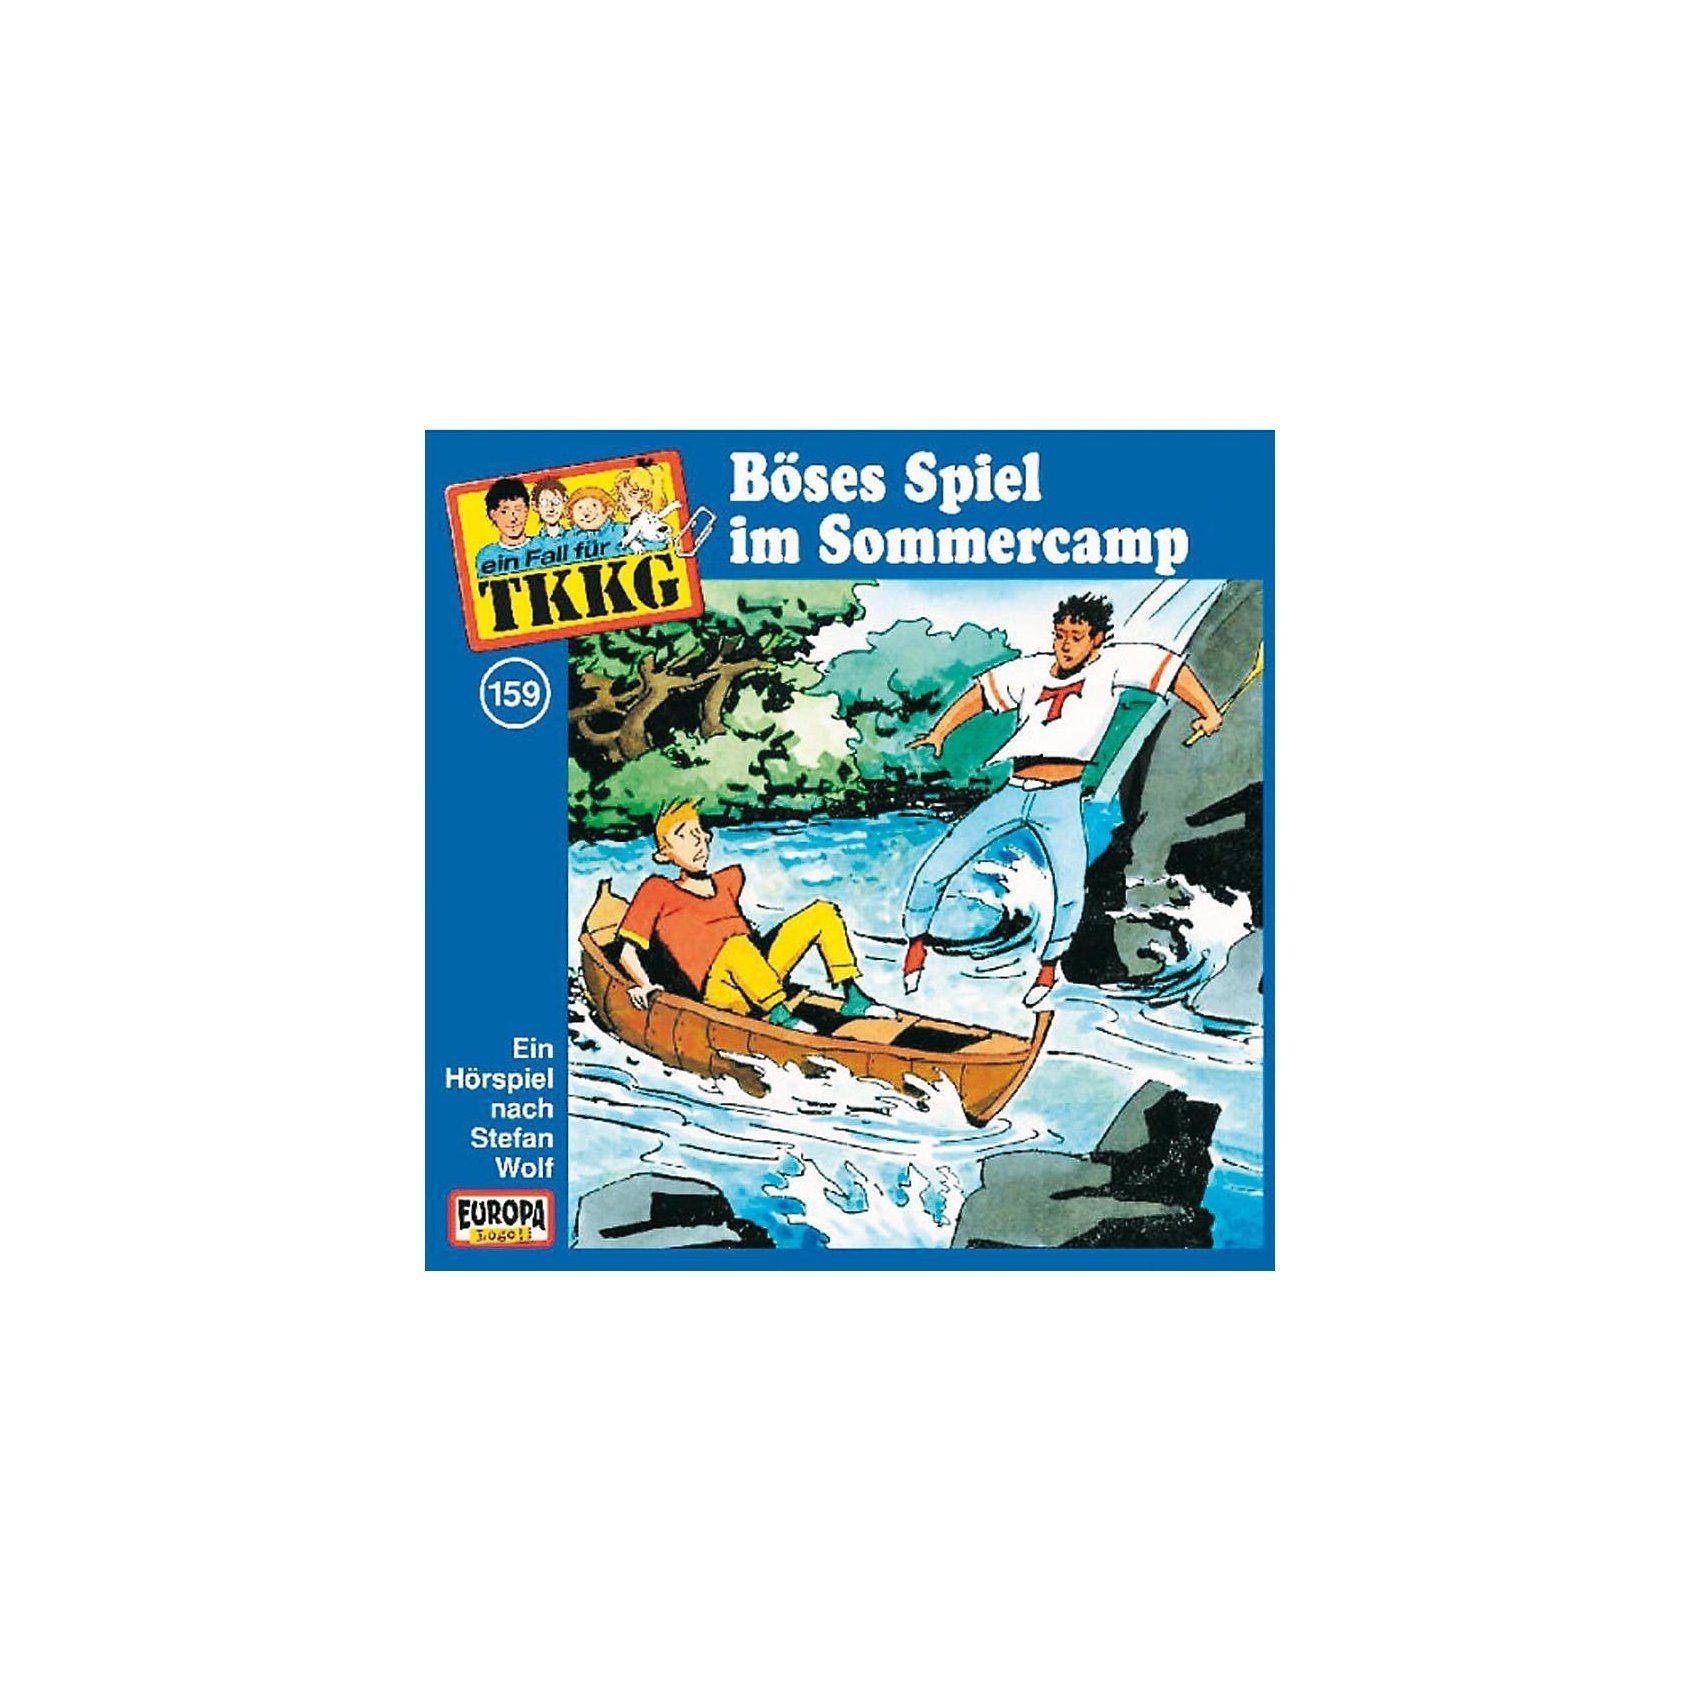 Sony CD TKKG 159: Böses Spiel im Sommercamp